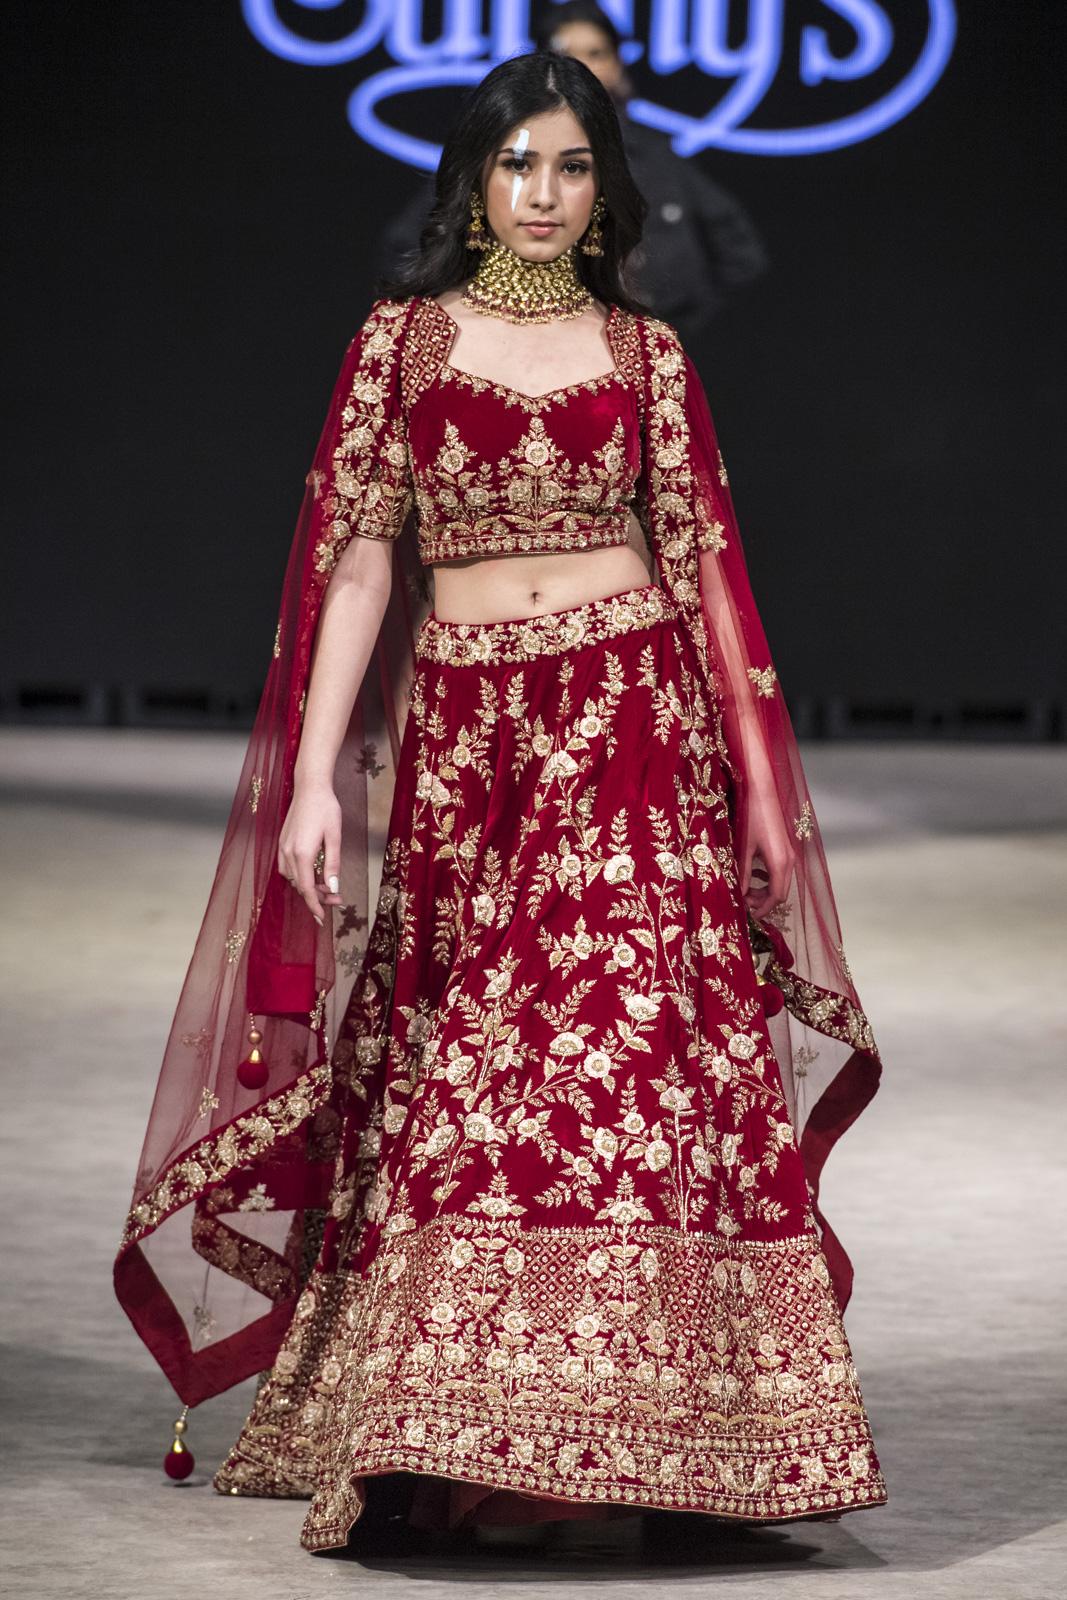 Sunny's Bridal at Vancouver Fashion Week